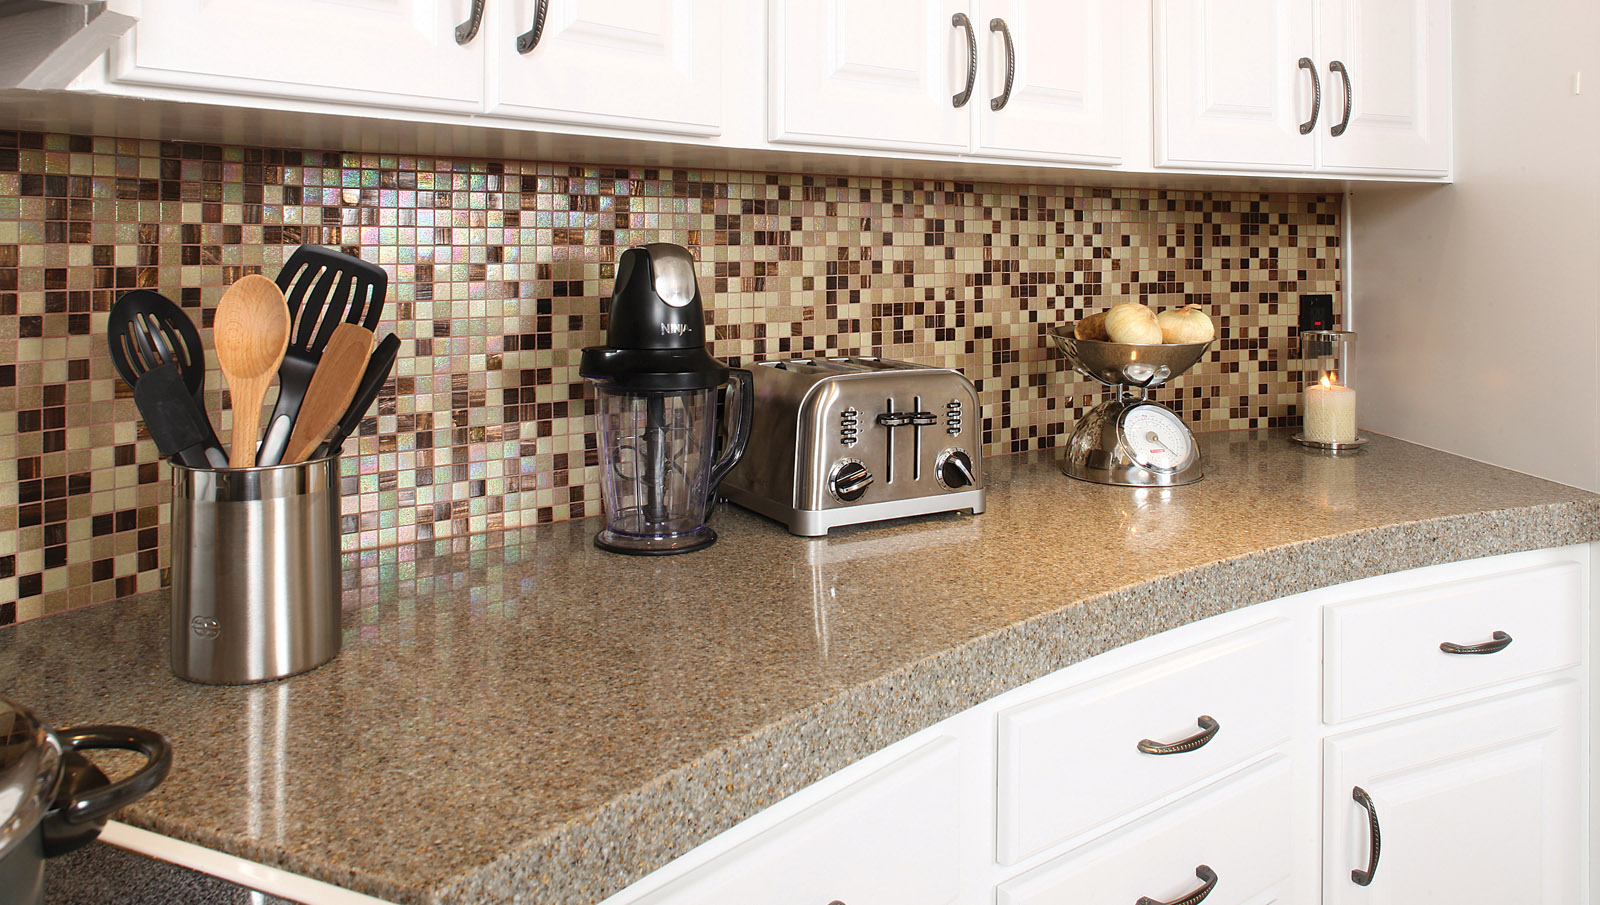 Удаление пятен с плитки кухонного фартука